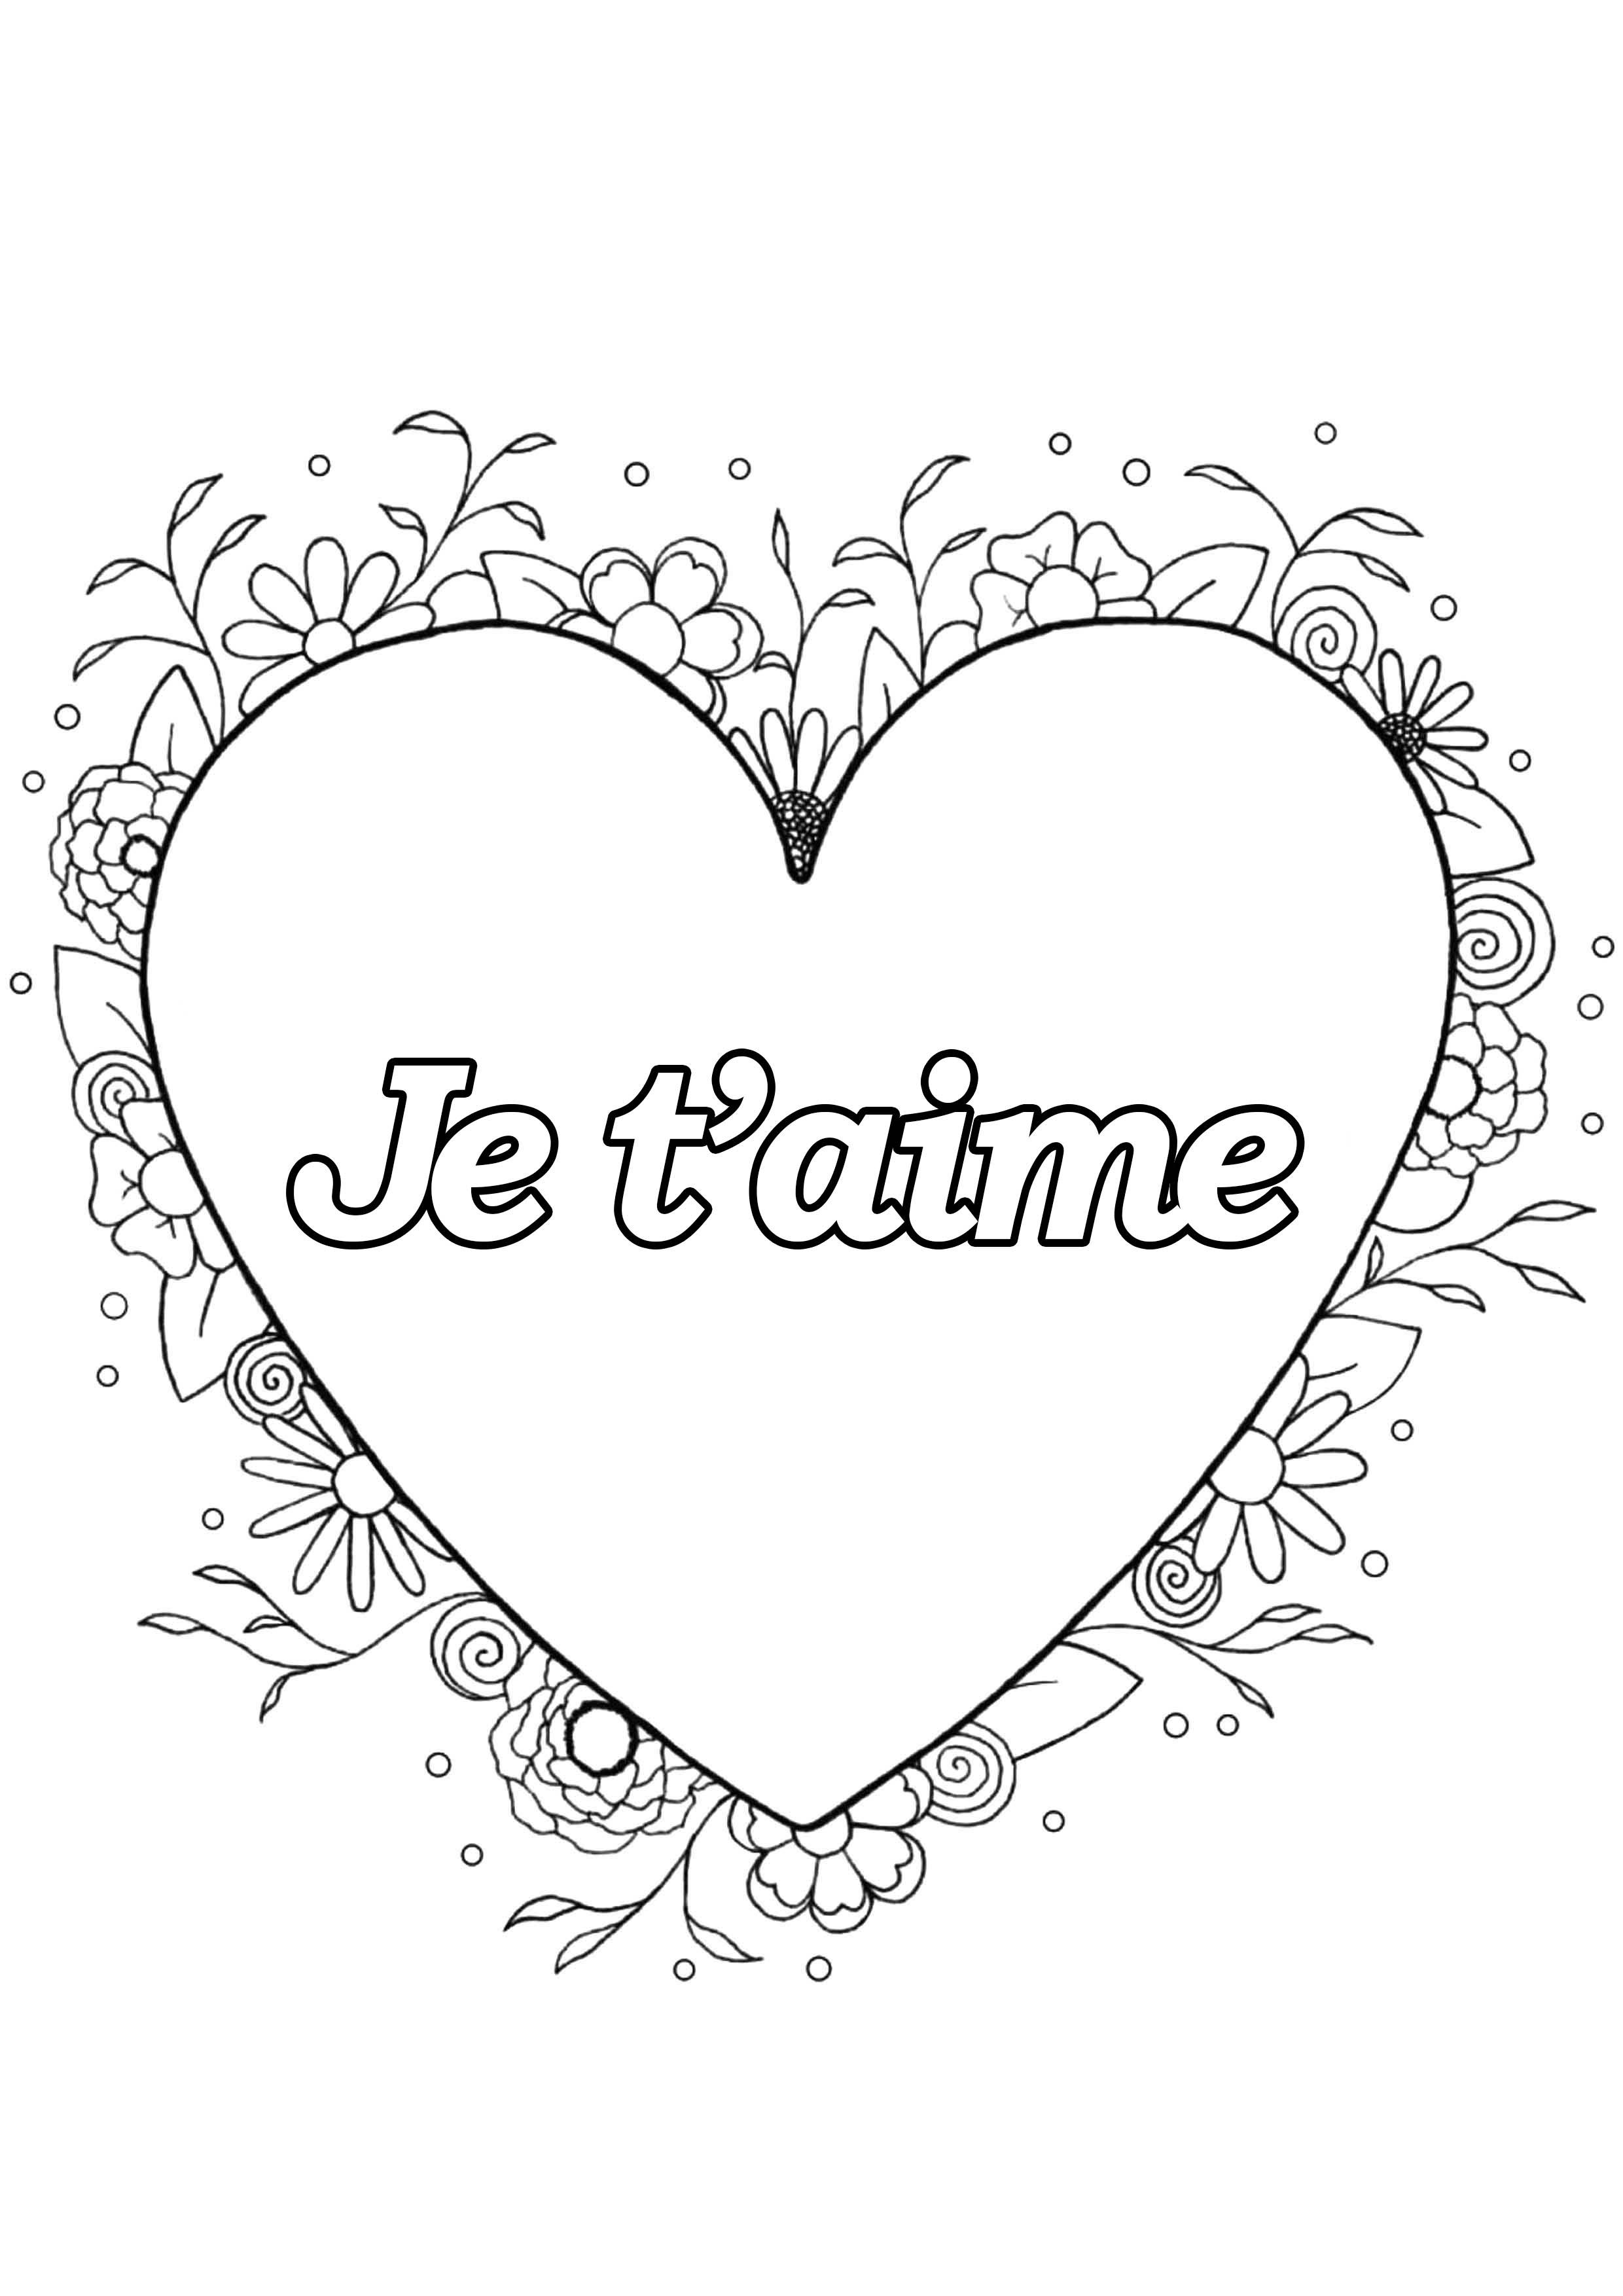 Saint Valentin 4 - Saint Valentin - Coloriages Difficiles avec Dessin Pour La Saint Valentin